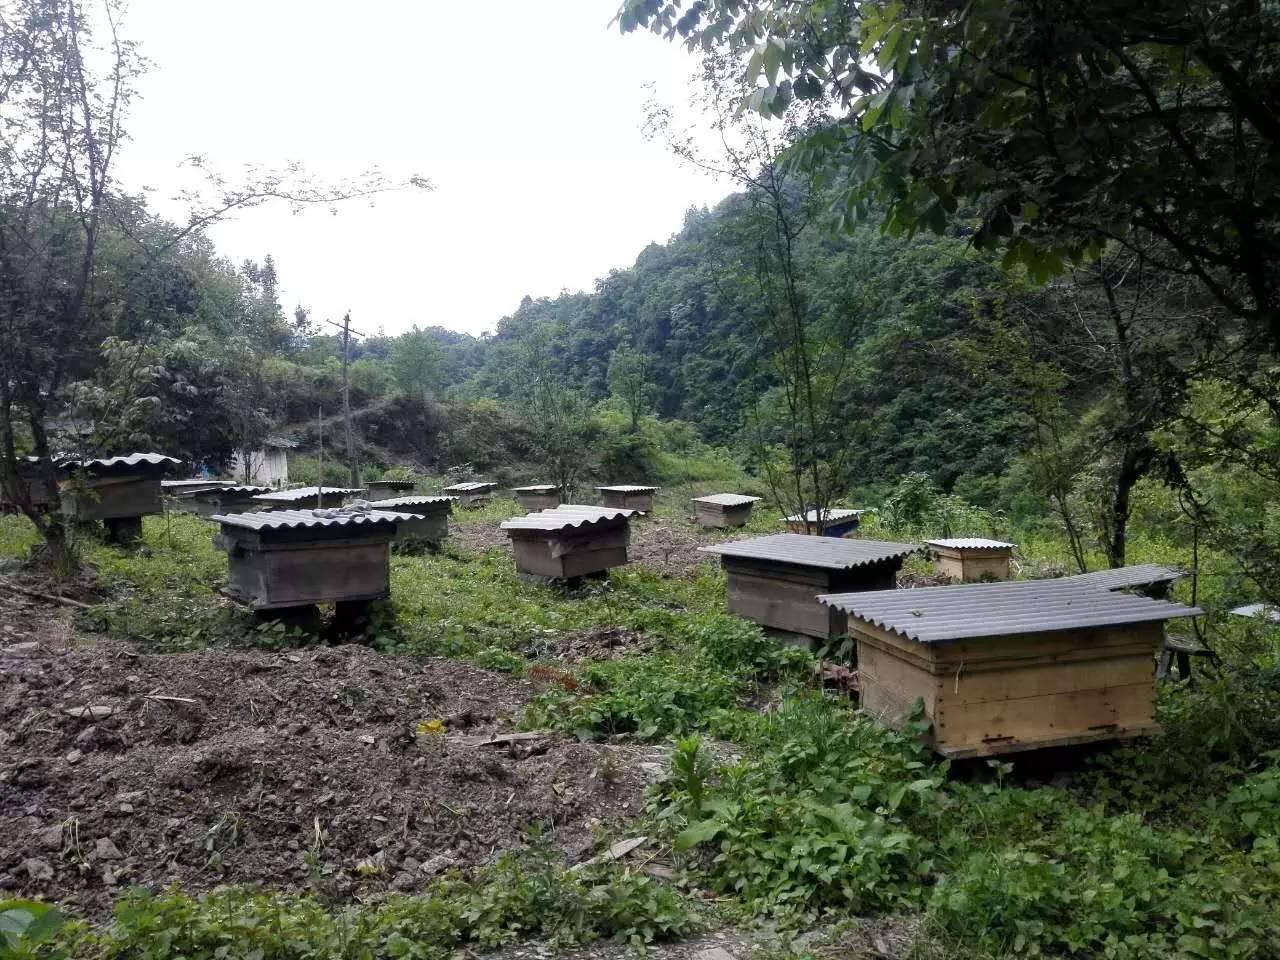 蜂蜜泡杨梅 孕妇能吃蜂蜜柚子吗 蜂蜜袋包装材料 蜂蜜用什么装 孕晚期喝蜂蜜